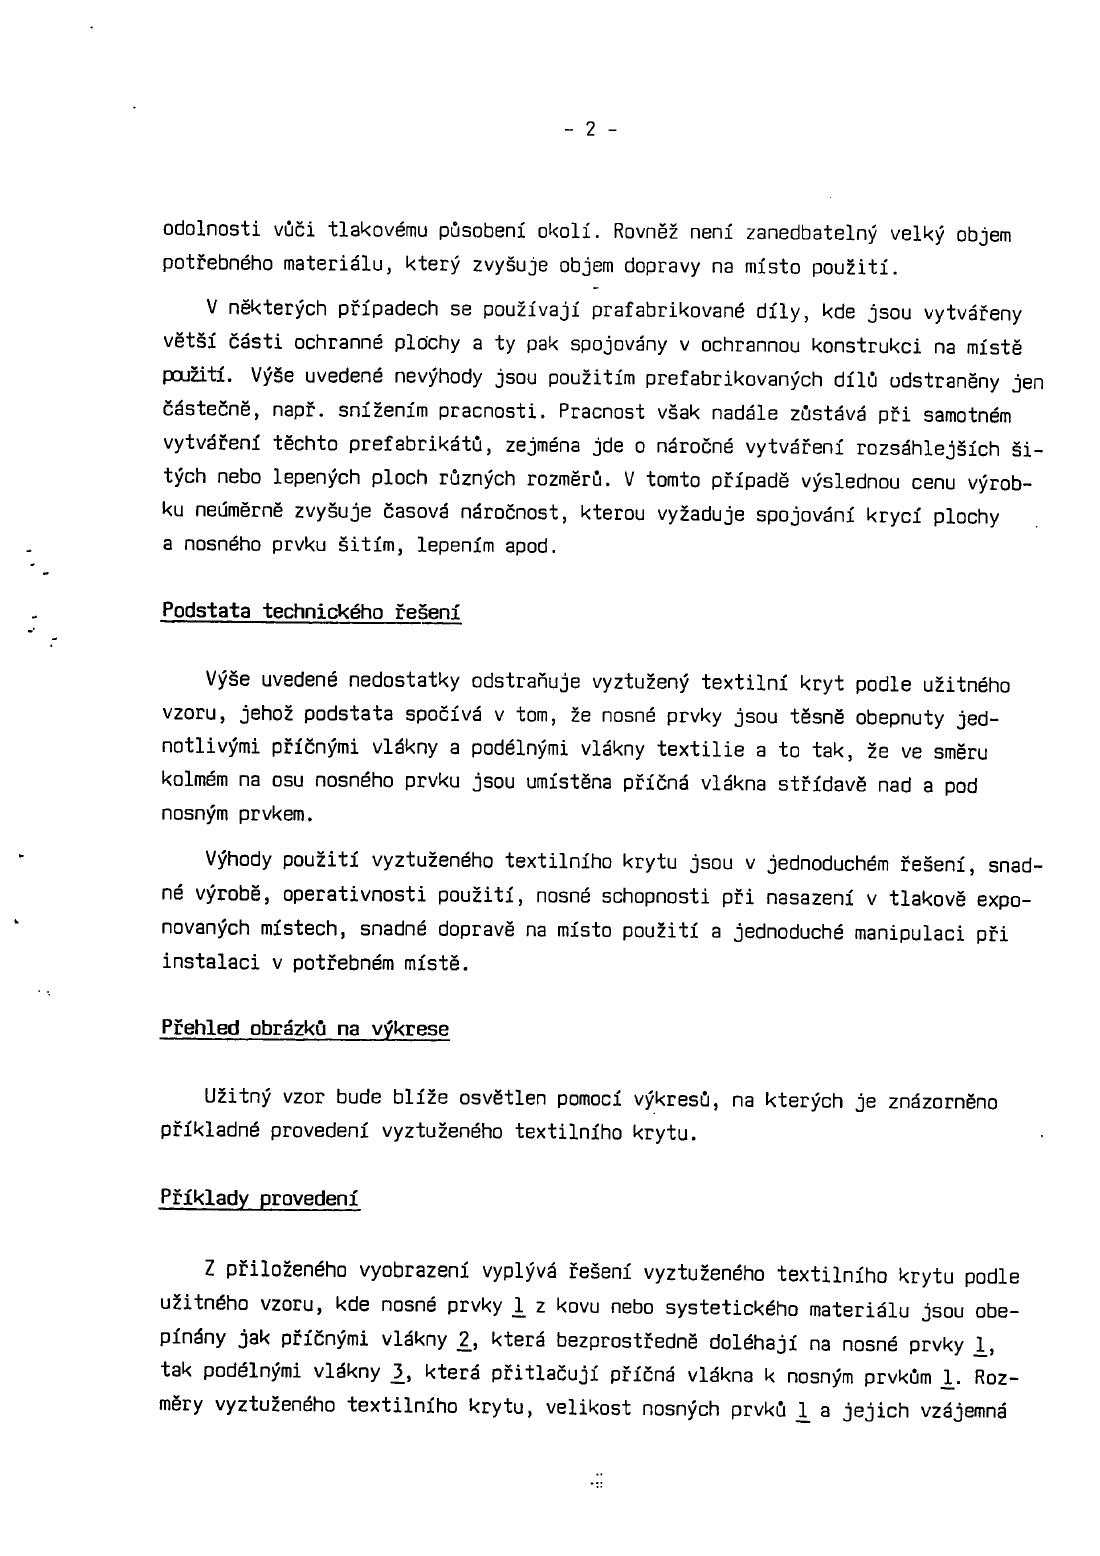 590da69a59a Vystužený textilný kryt — 07.07.1993 — U 109 — Databáza patentov ...